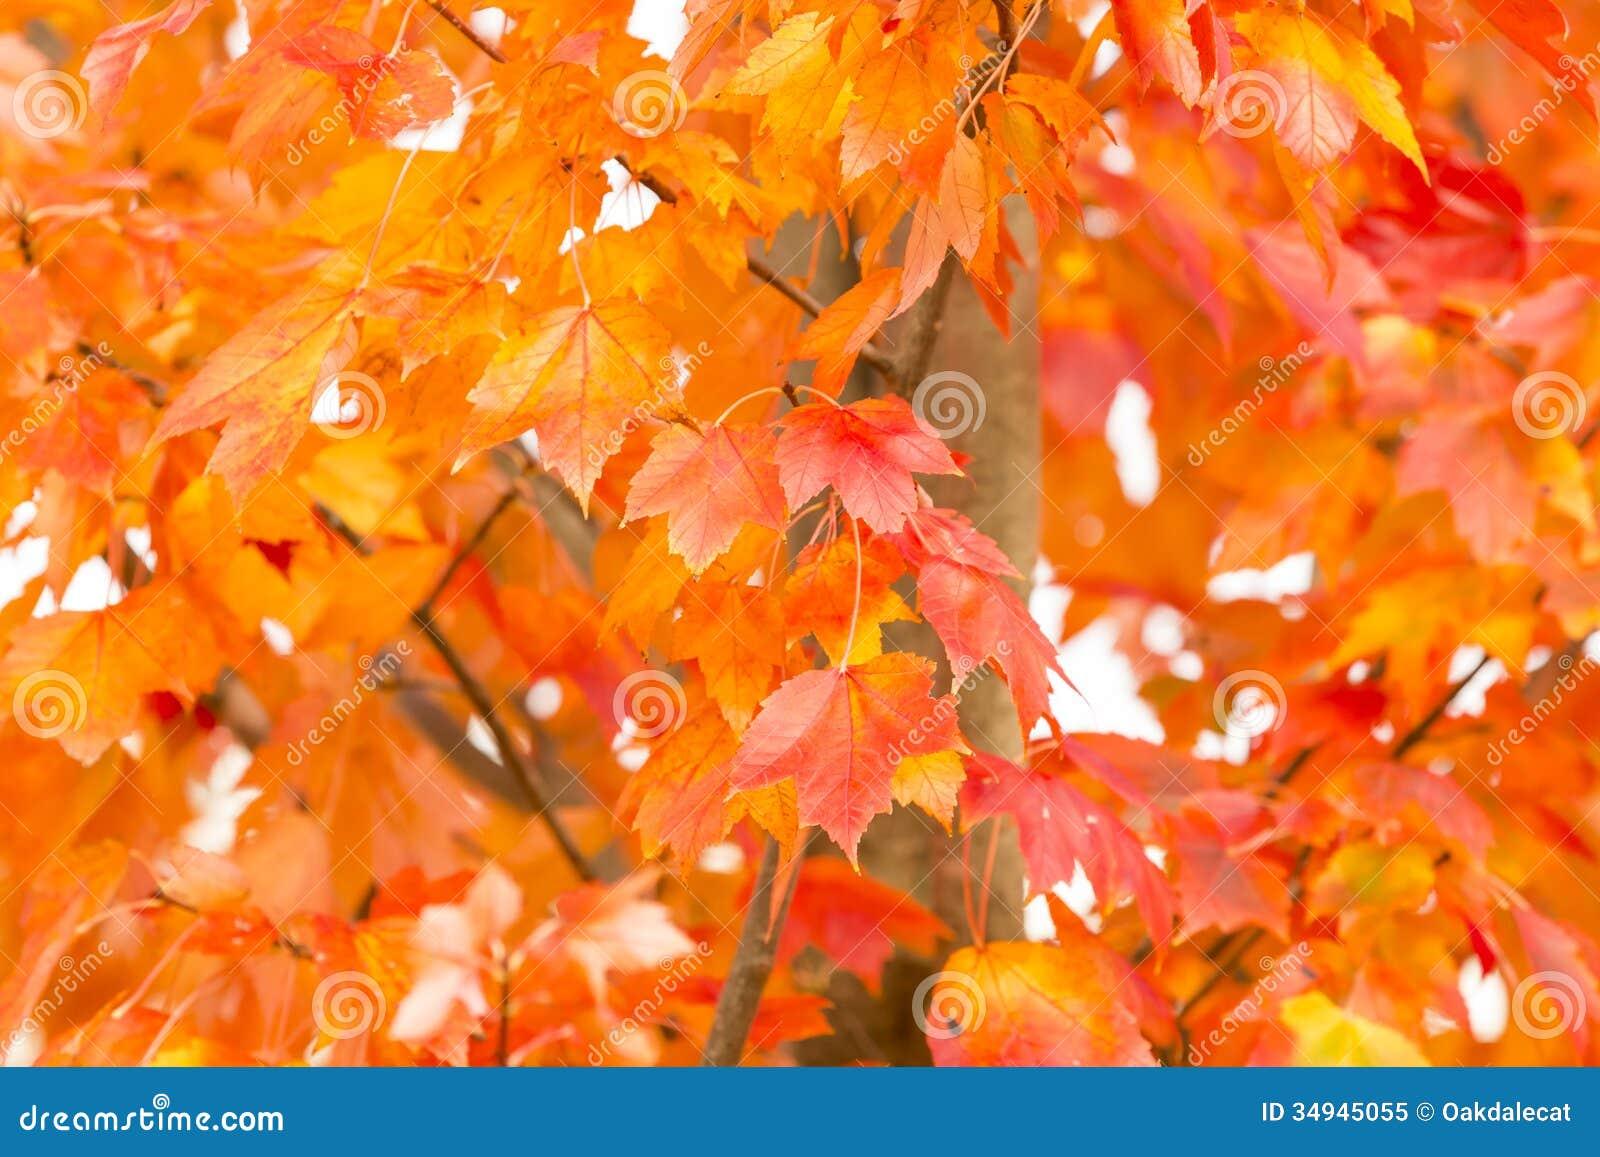 精采橙色秋天叶子